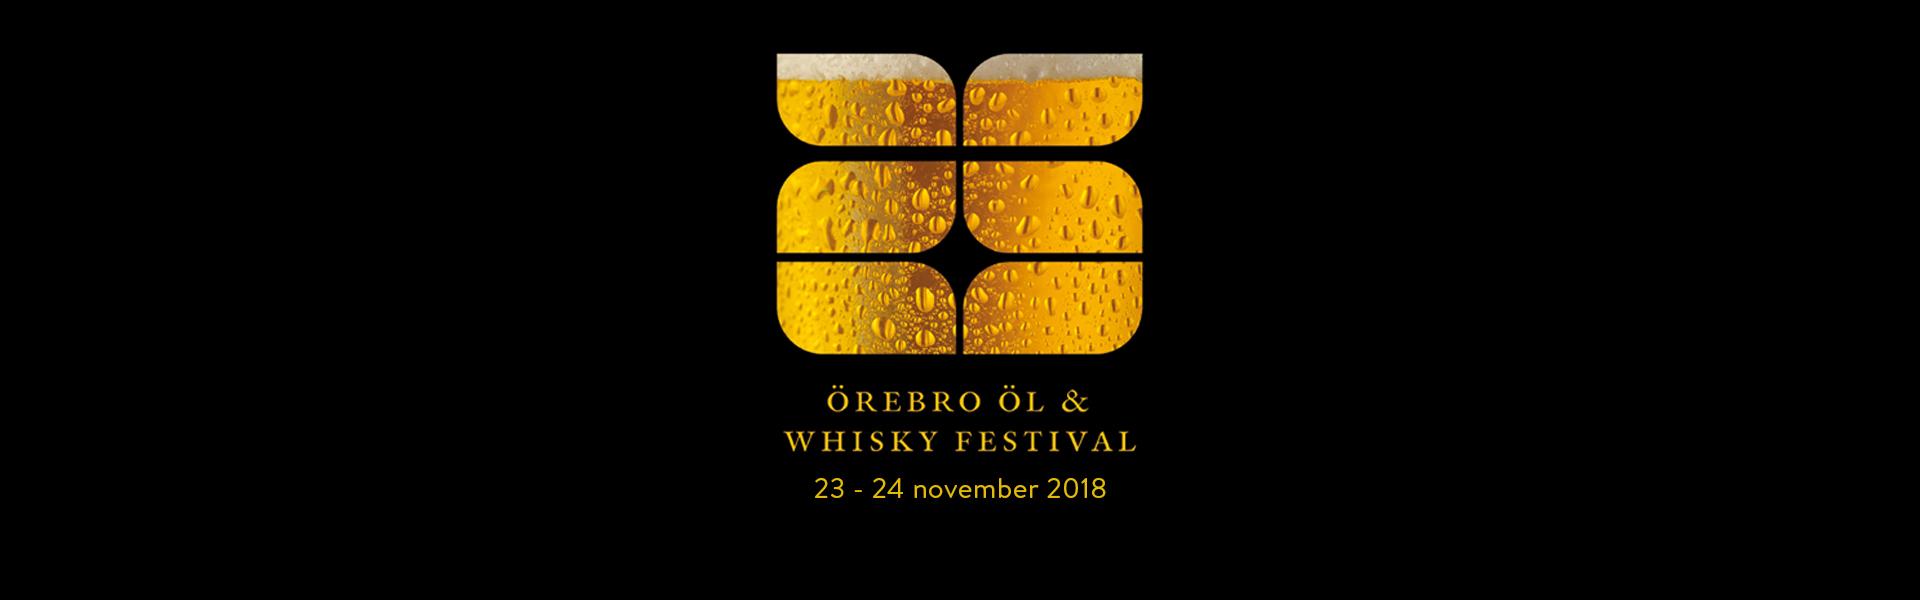 Örebro Öl och Whisky Festival